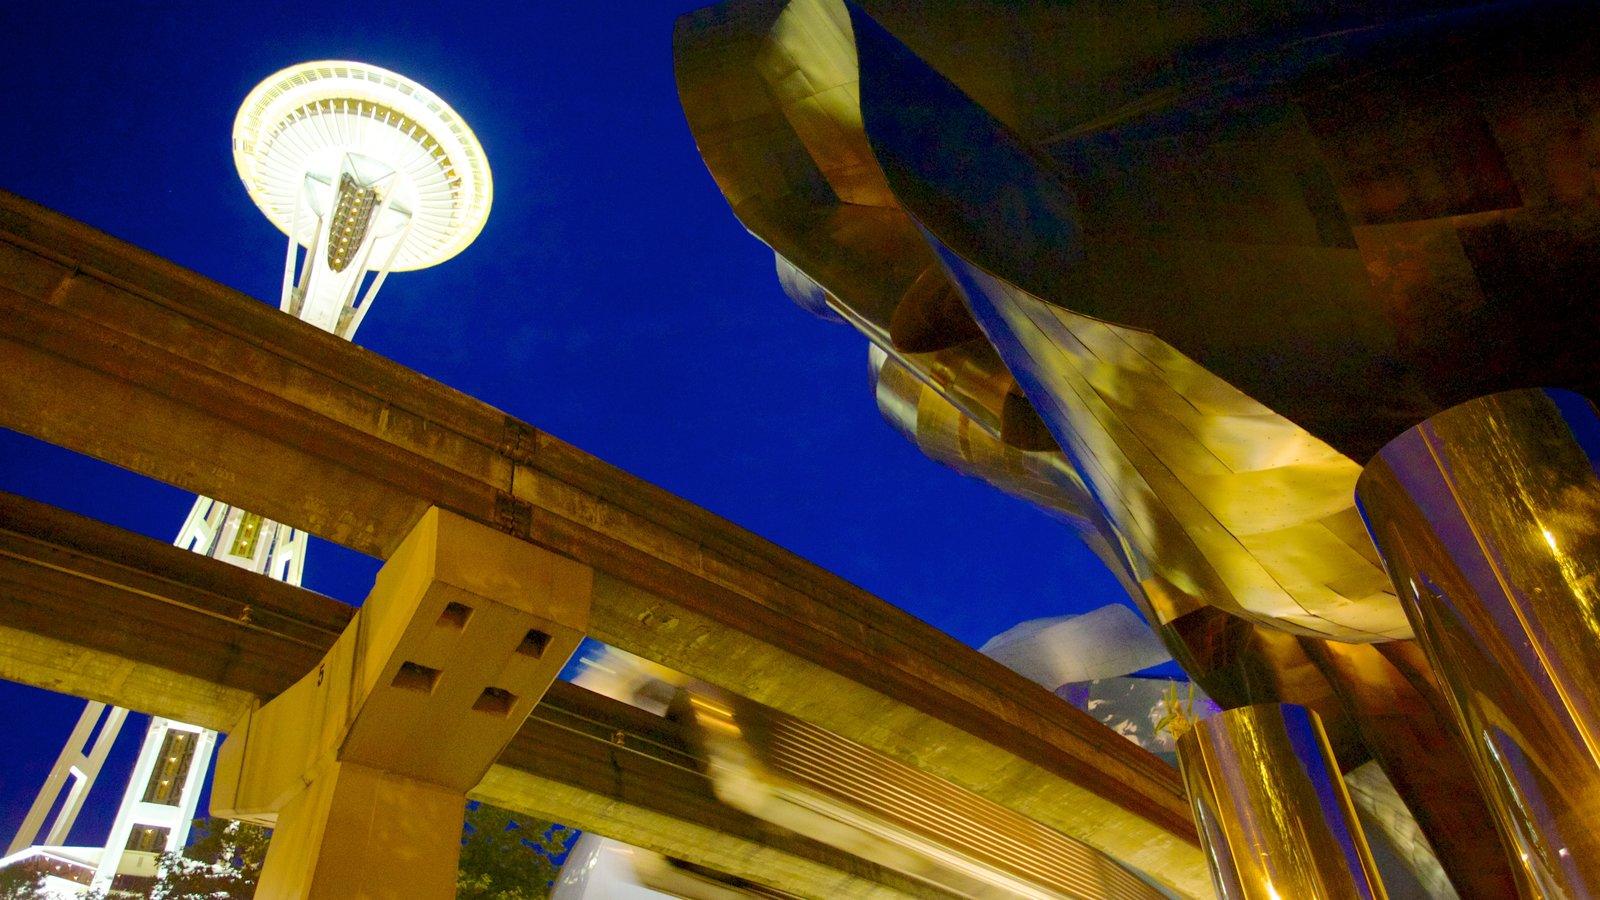 Seattle Center caracterizando uma cidade e arquitetura moderna